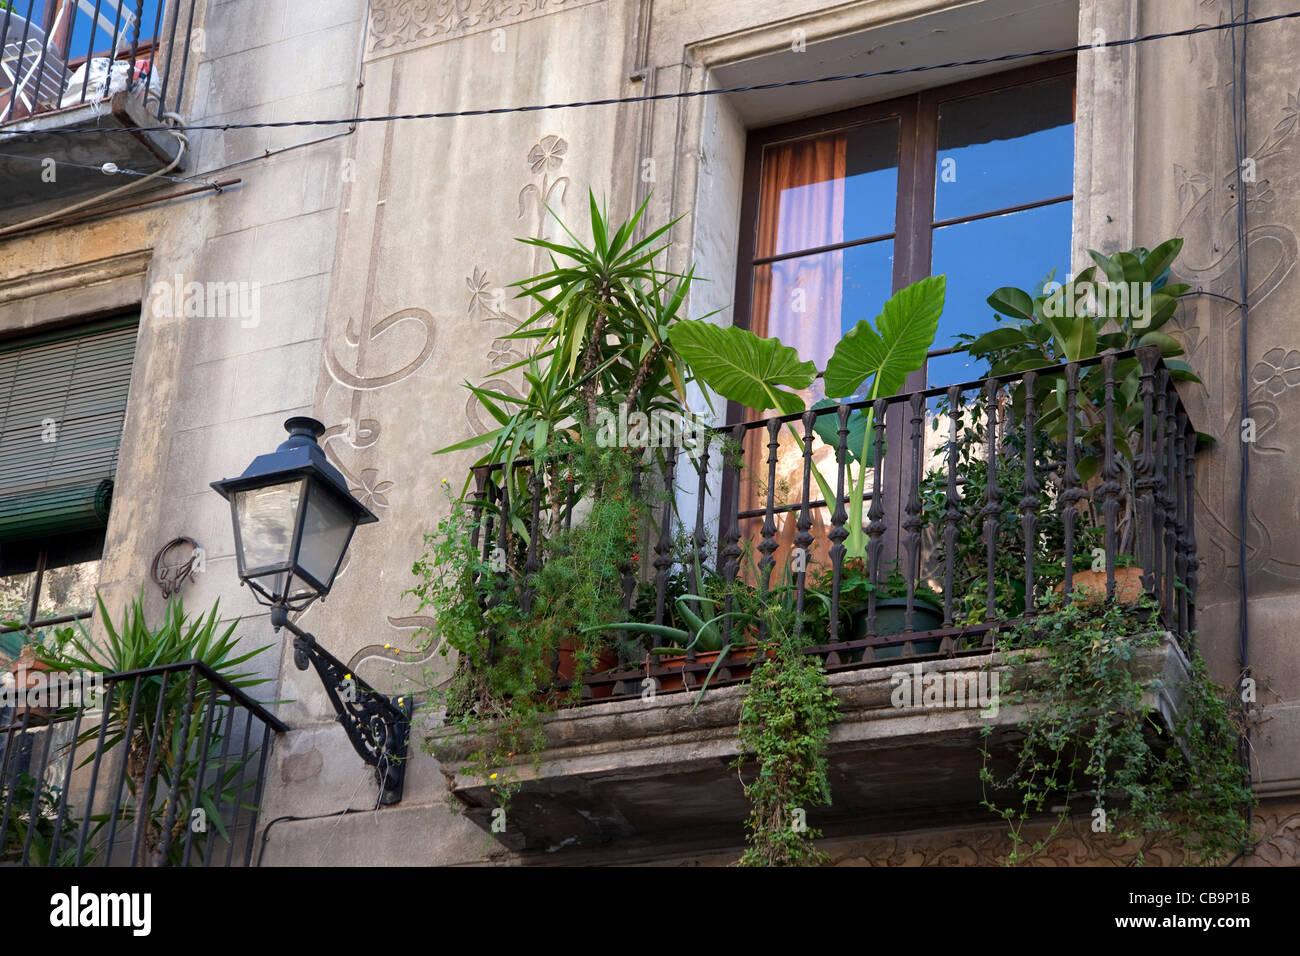 Terraza jardín con palmeras en el Barri Gòtic / Barrio Gótico de Barcelona, España Imagen De Stock